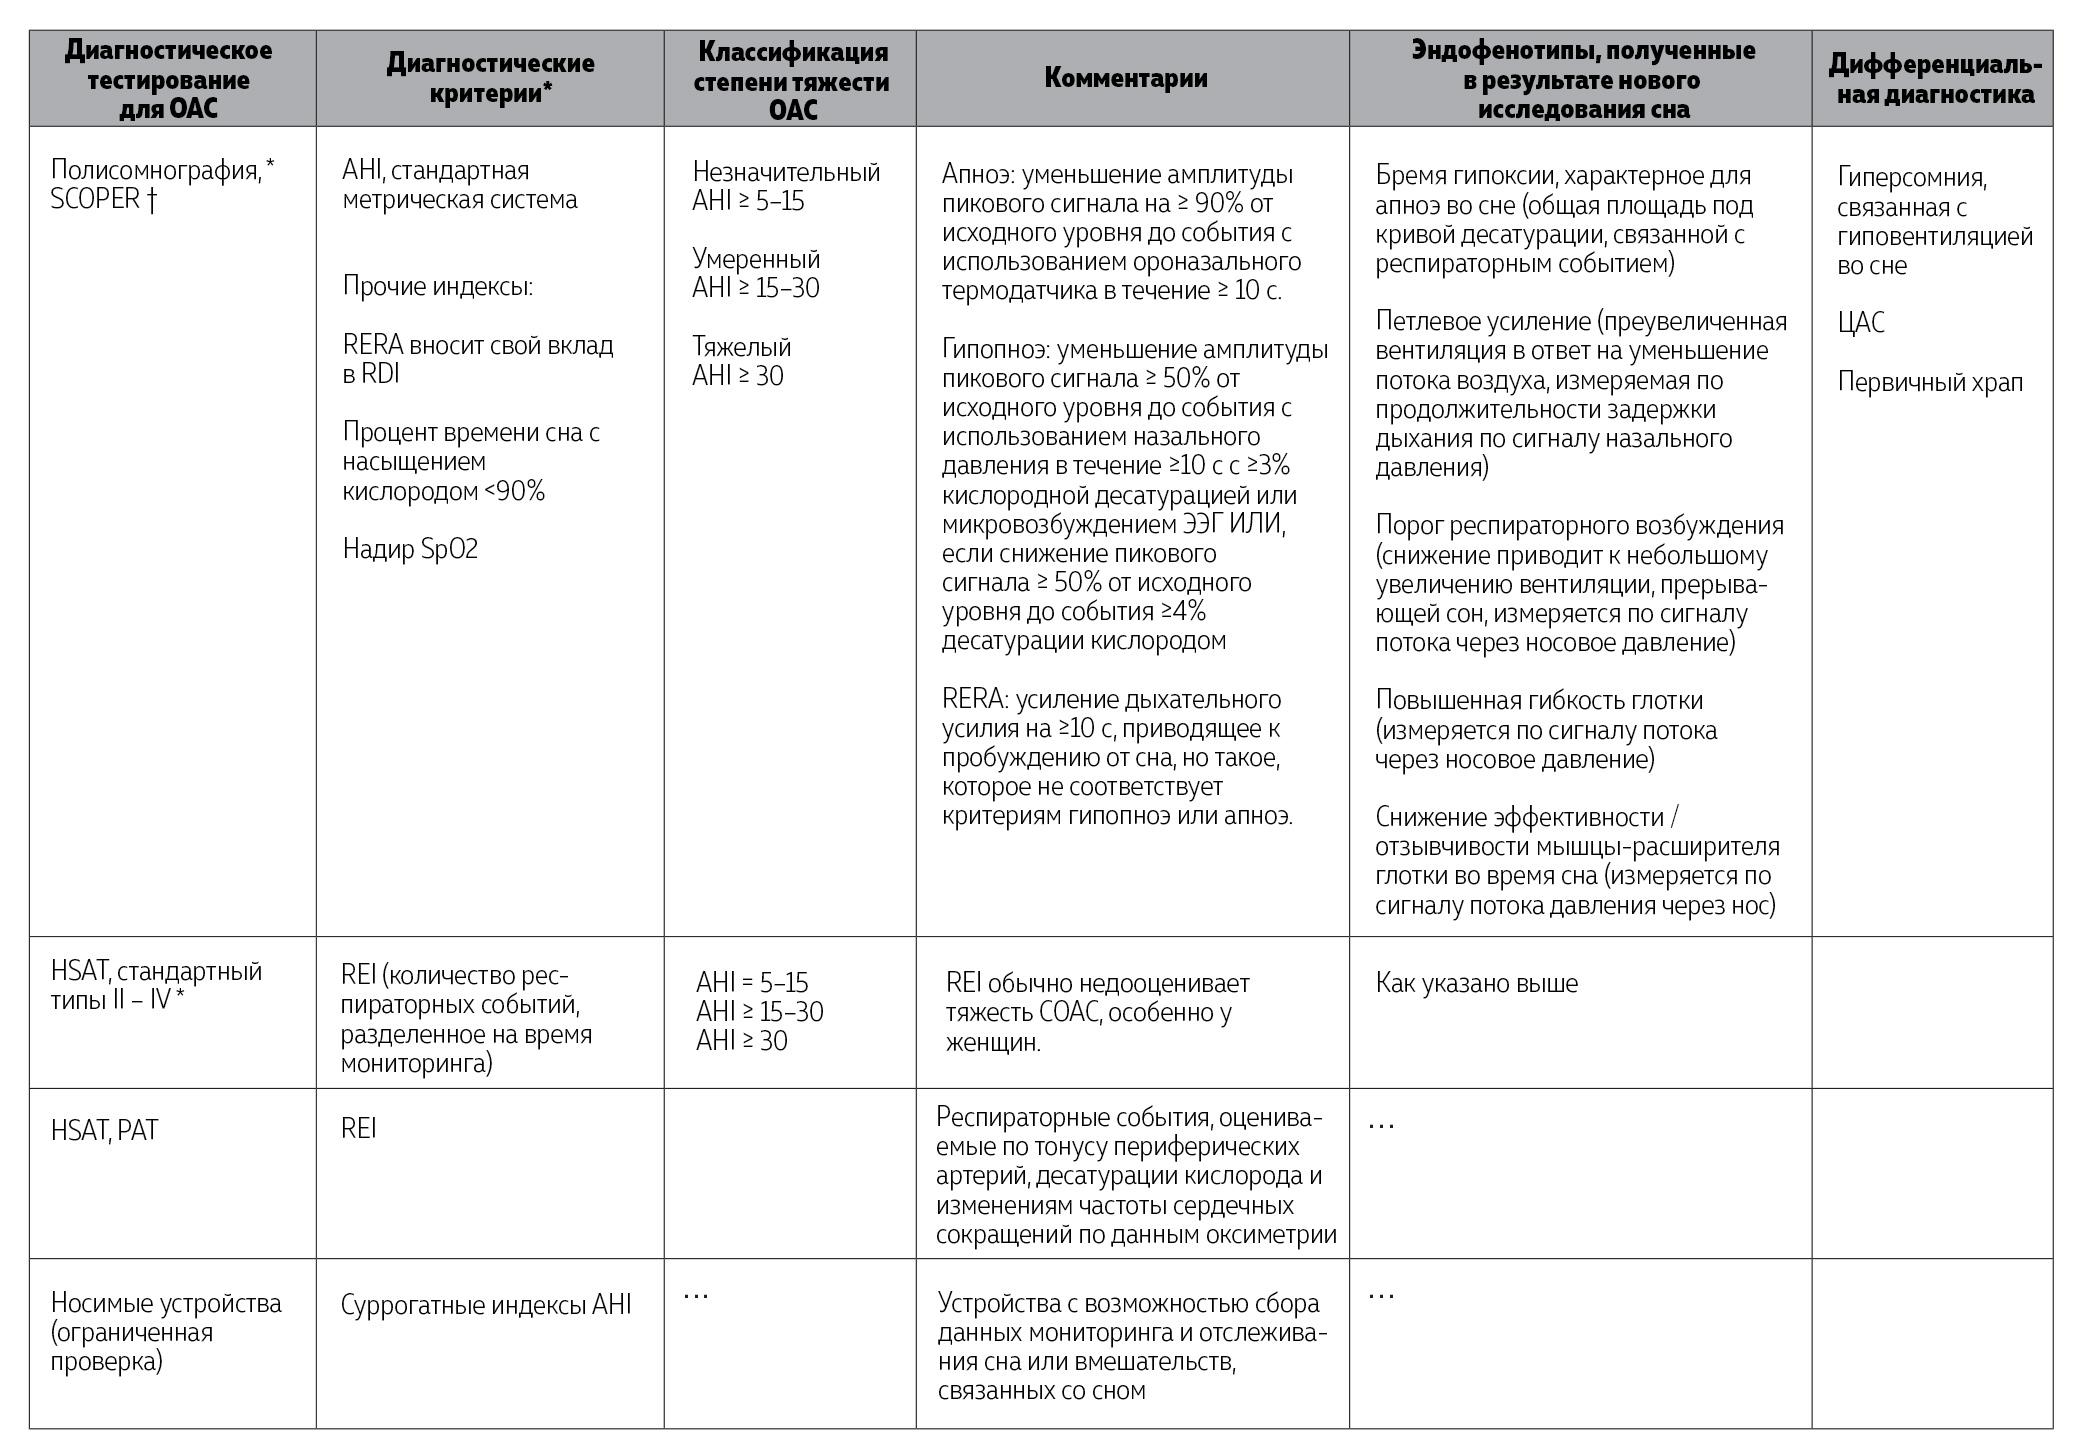 Таблица 1. Диагностическая оценка обструктивного апноэ сна